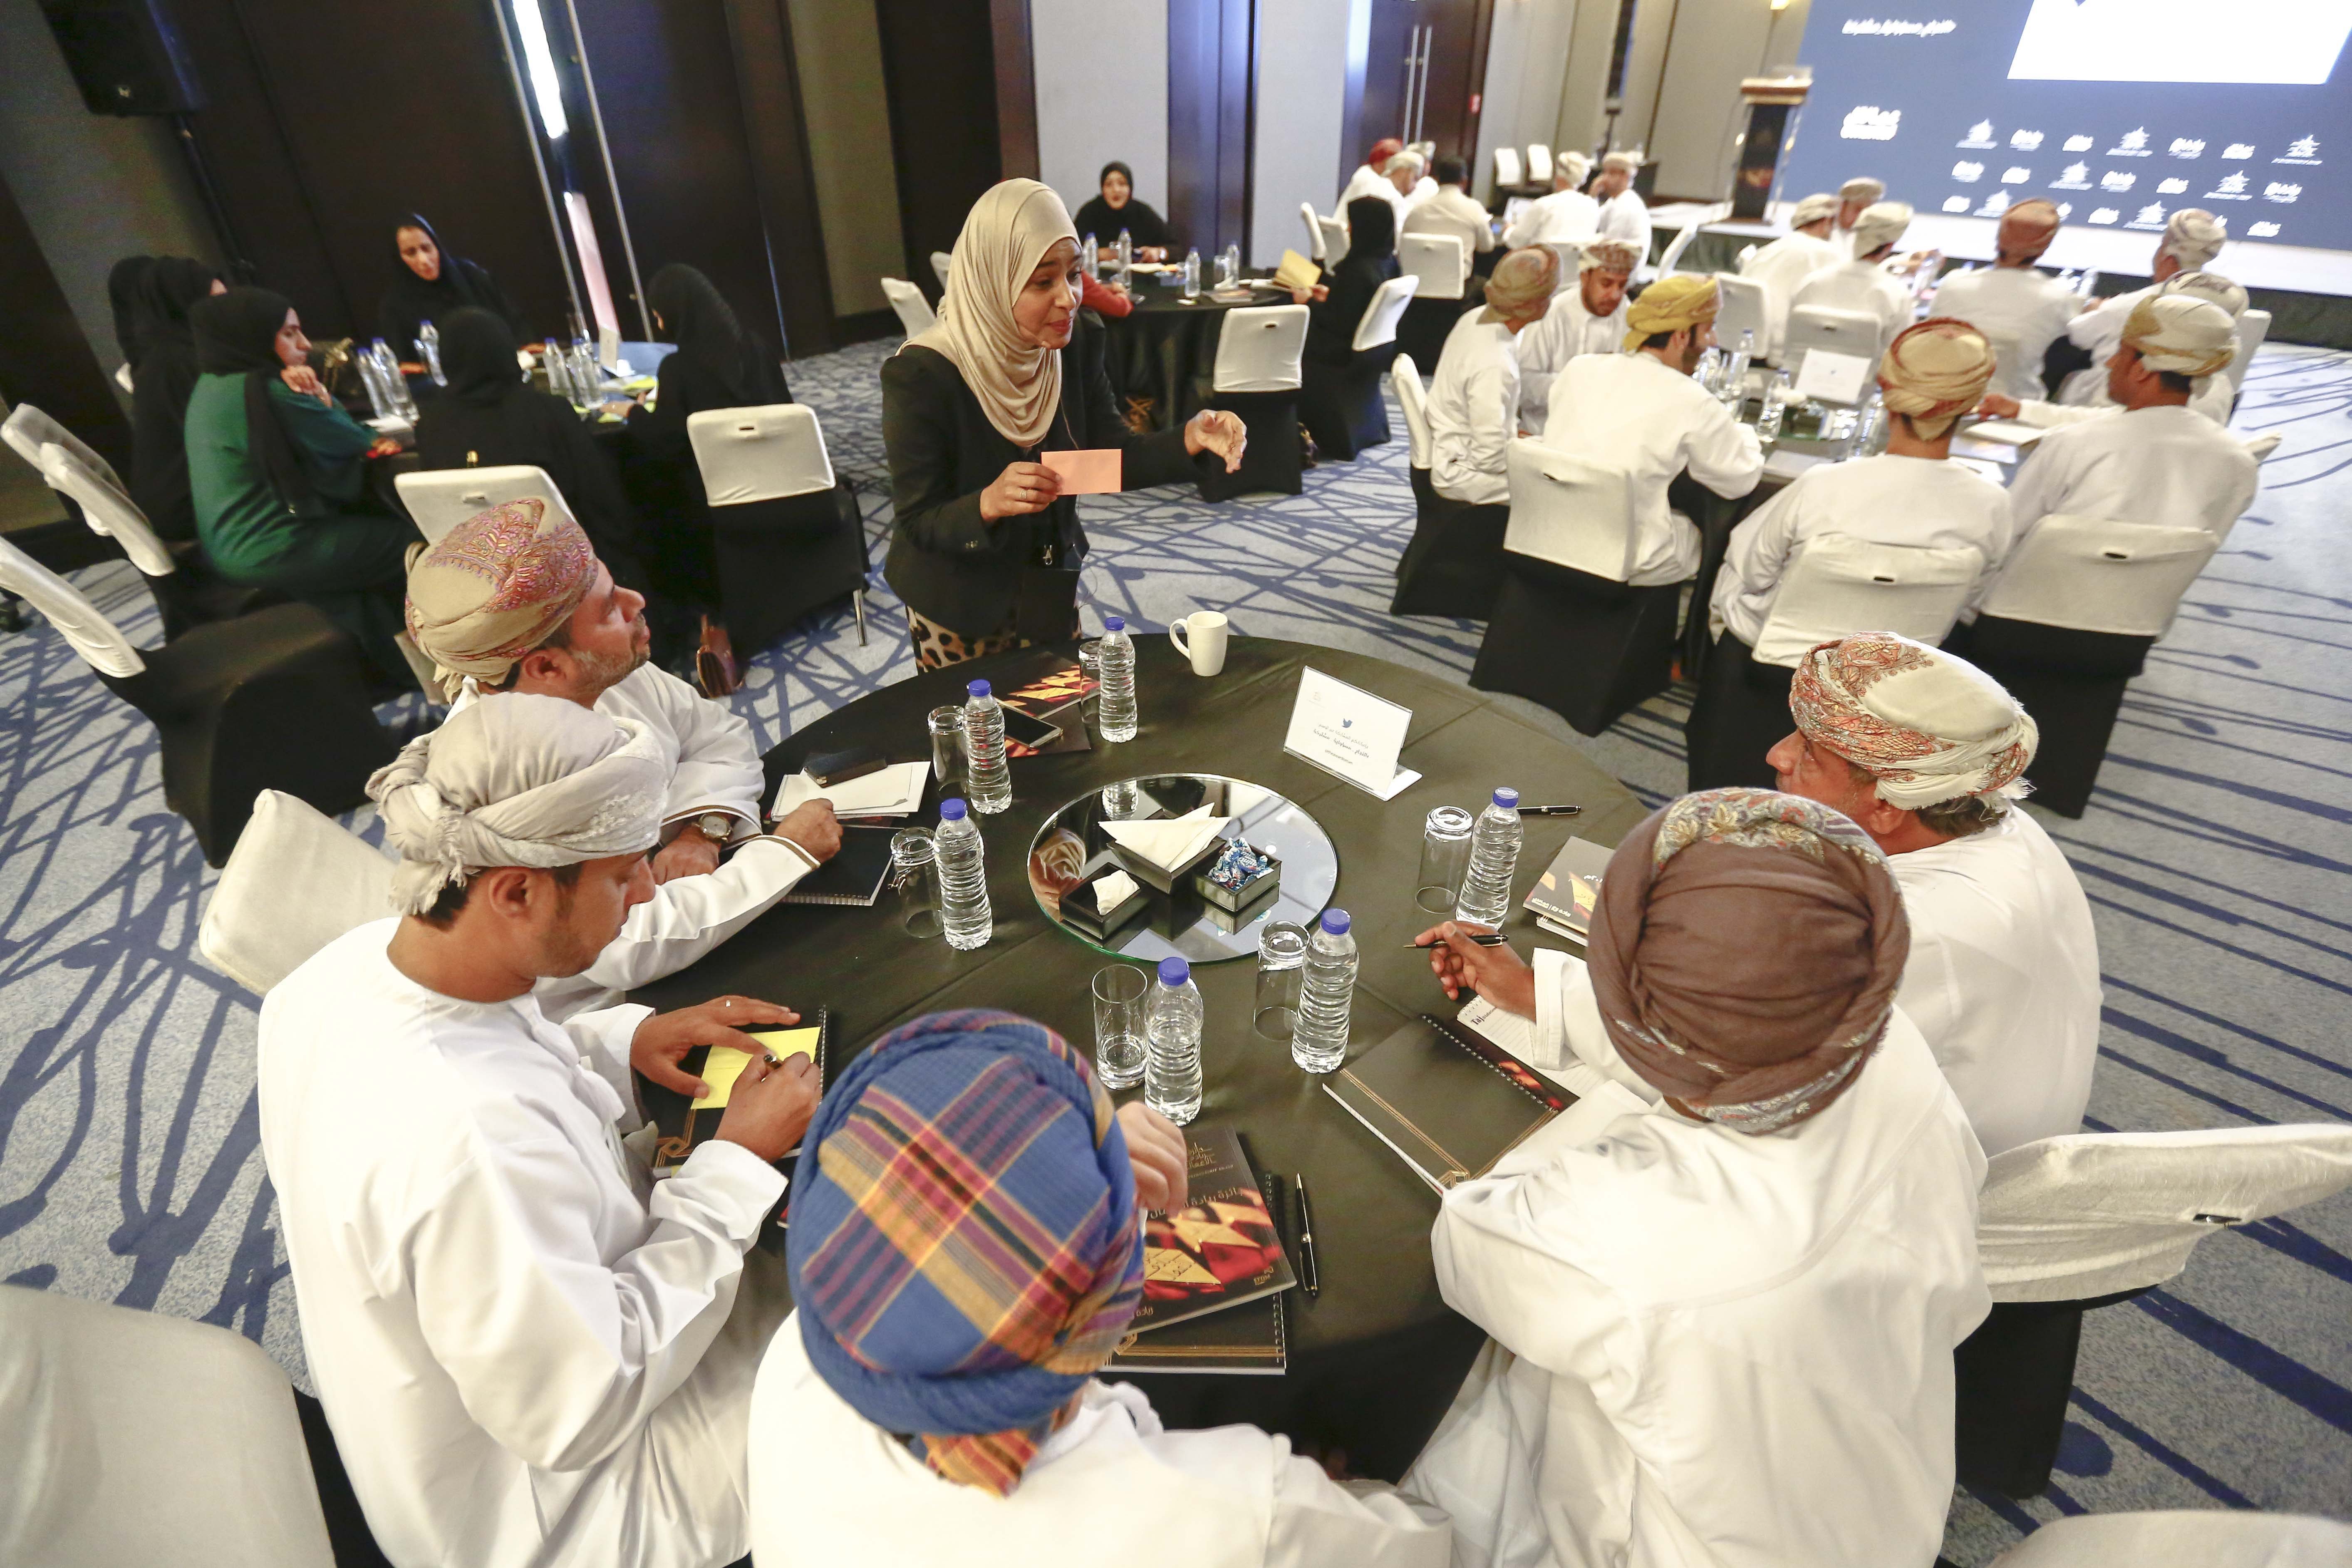 Entrepreneurship Award workshops held